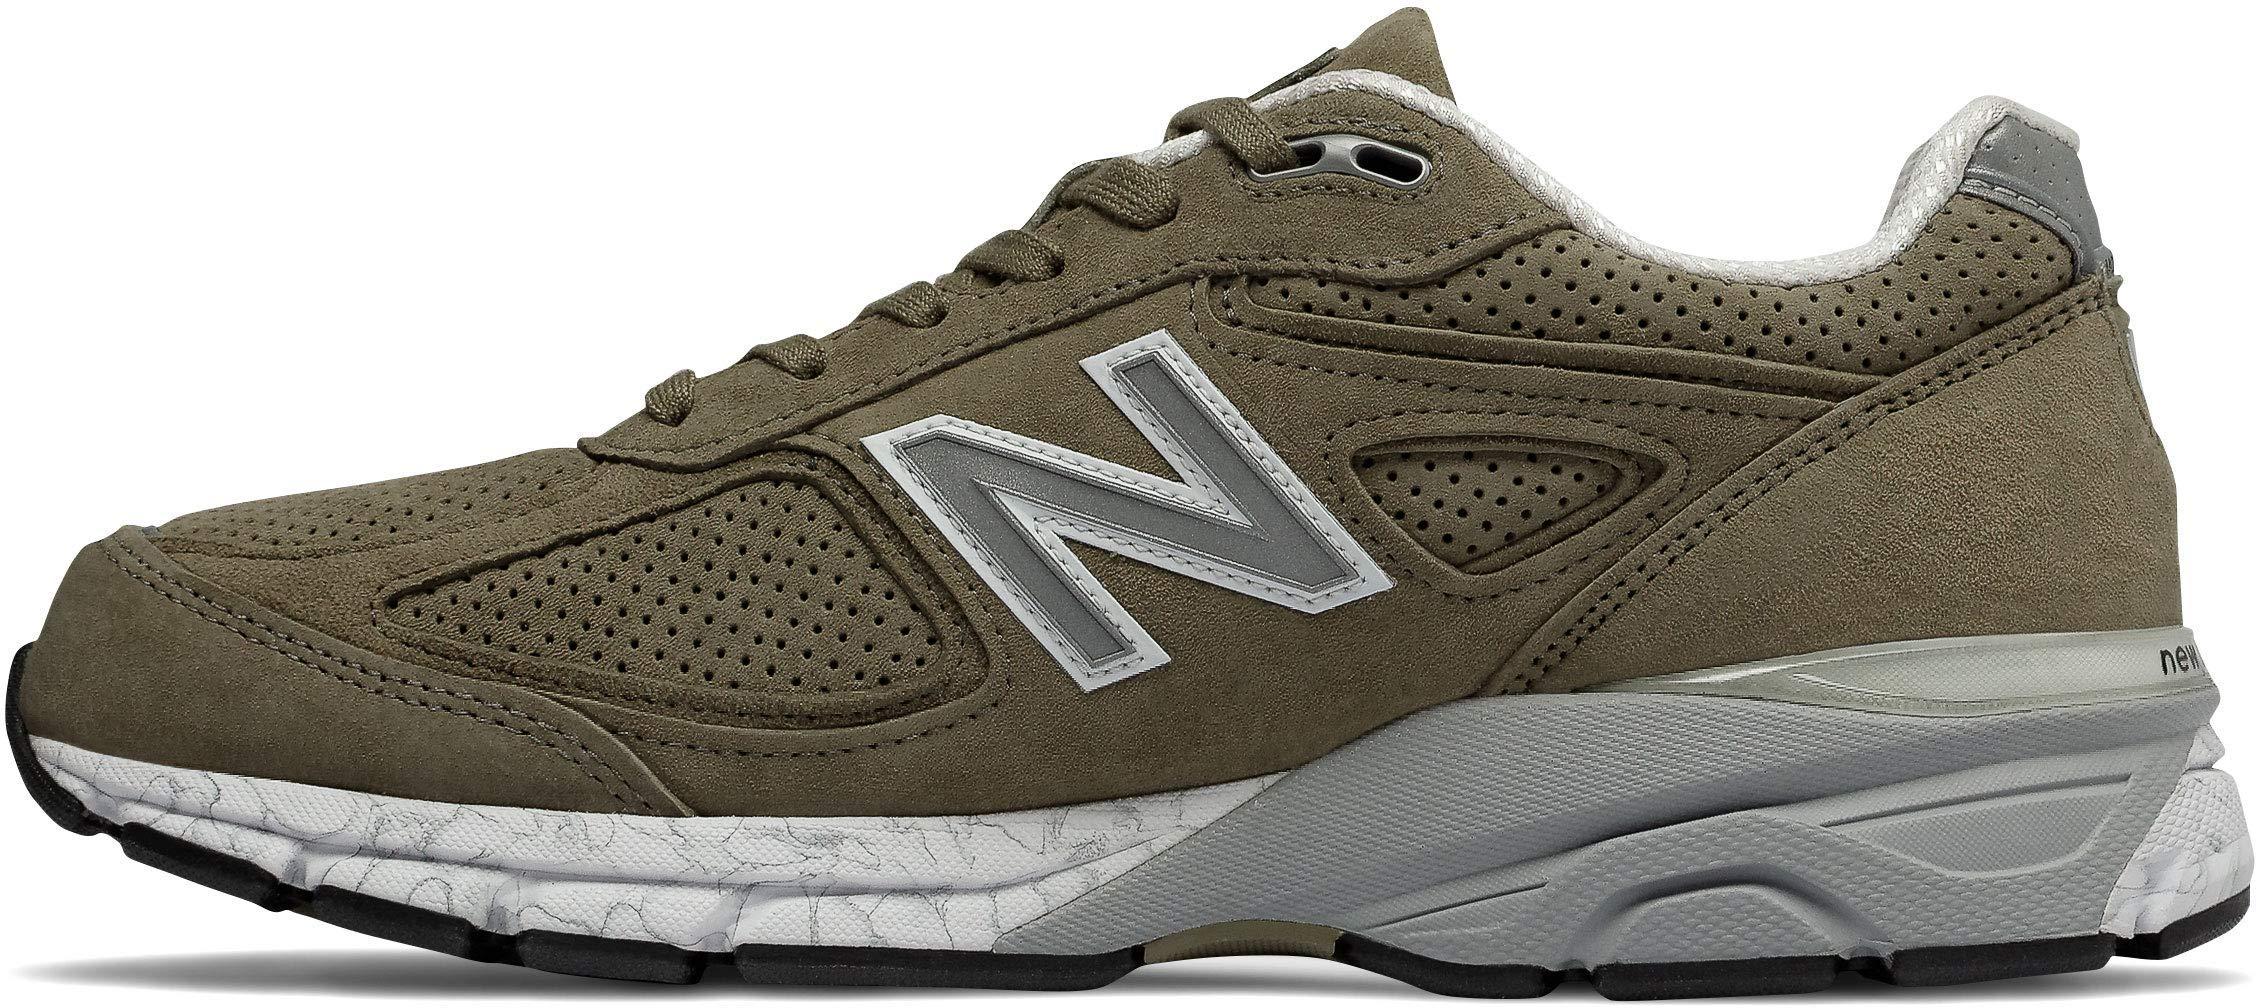 New Balance Running 990V4 Brown/White